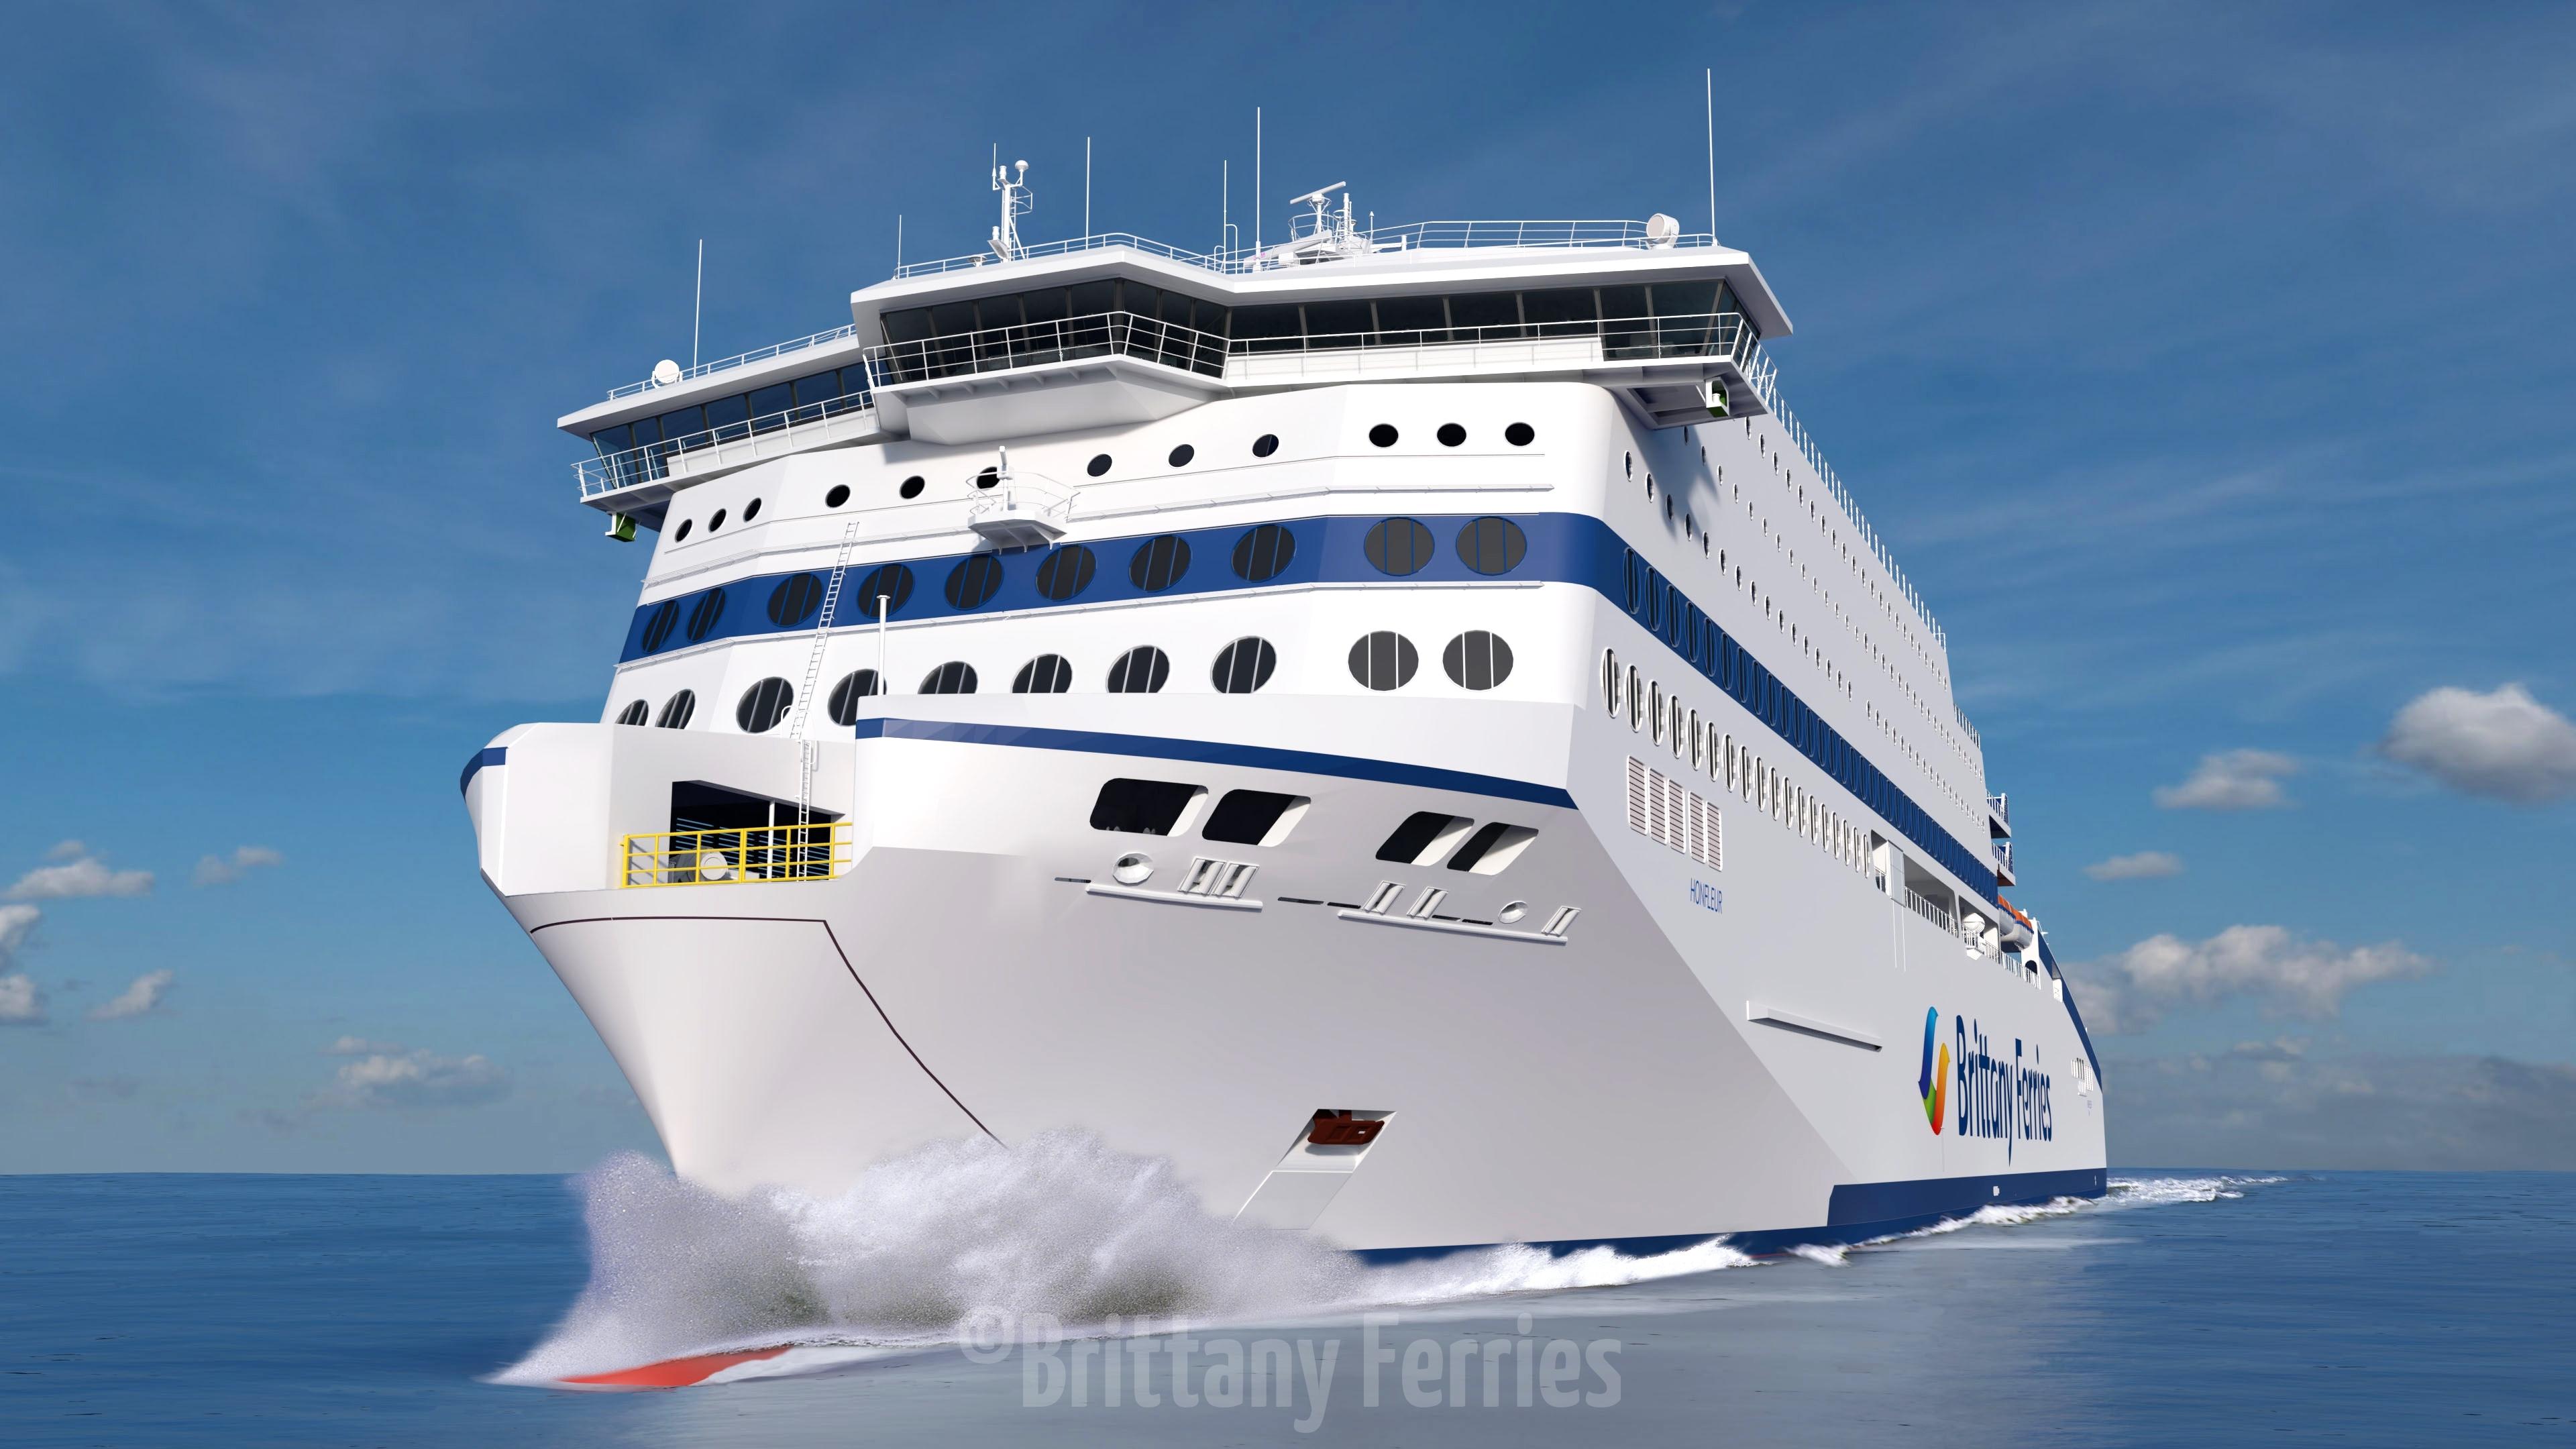 Le honfleur, le futur navire GNL de Brittany Ferries 2